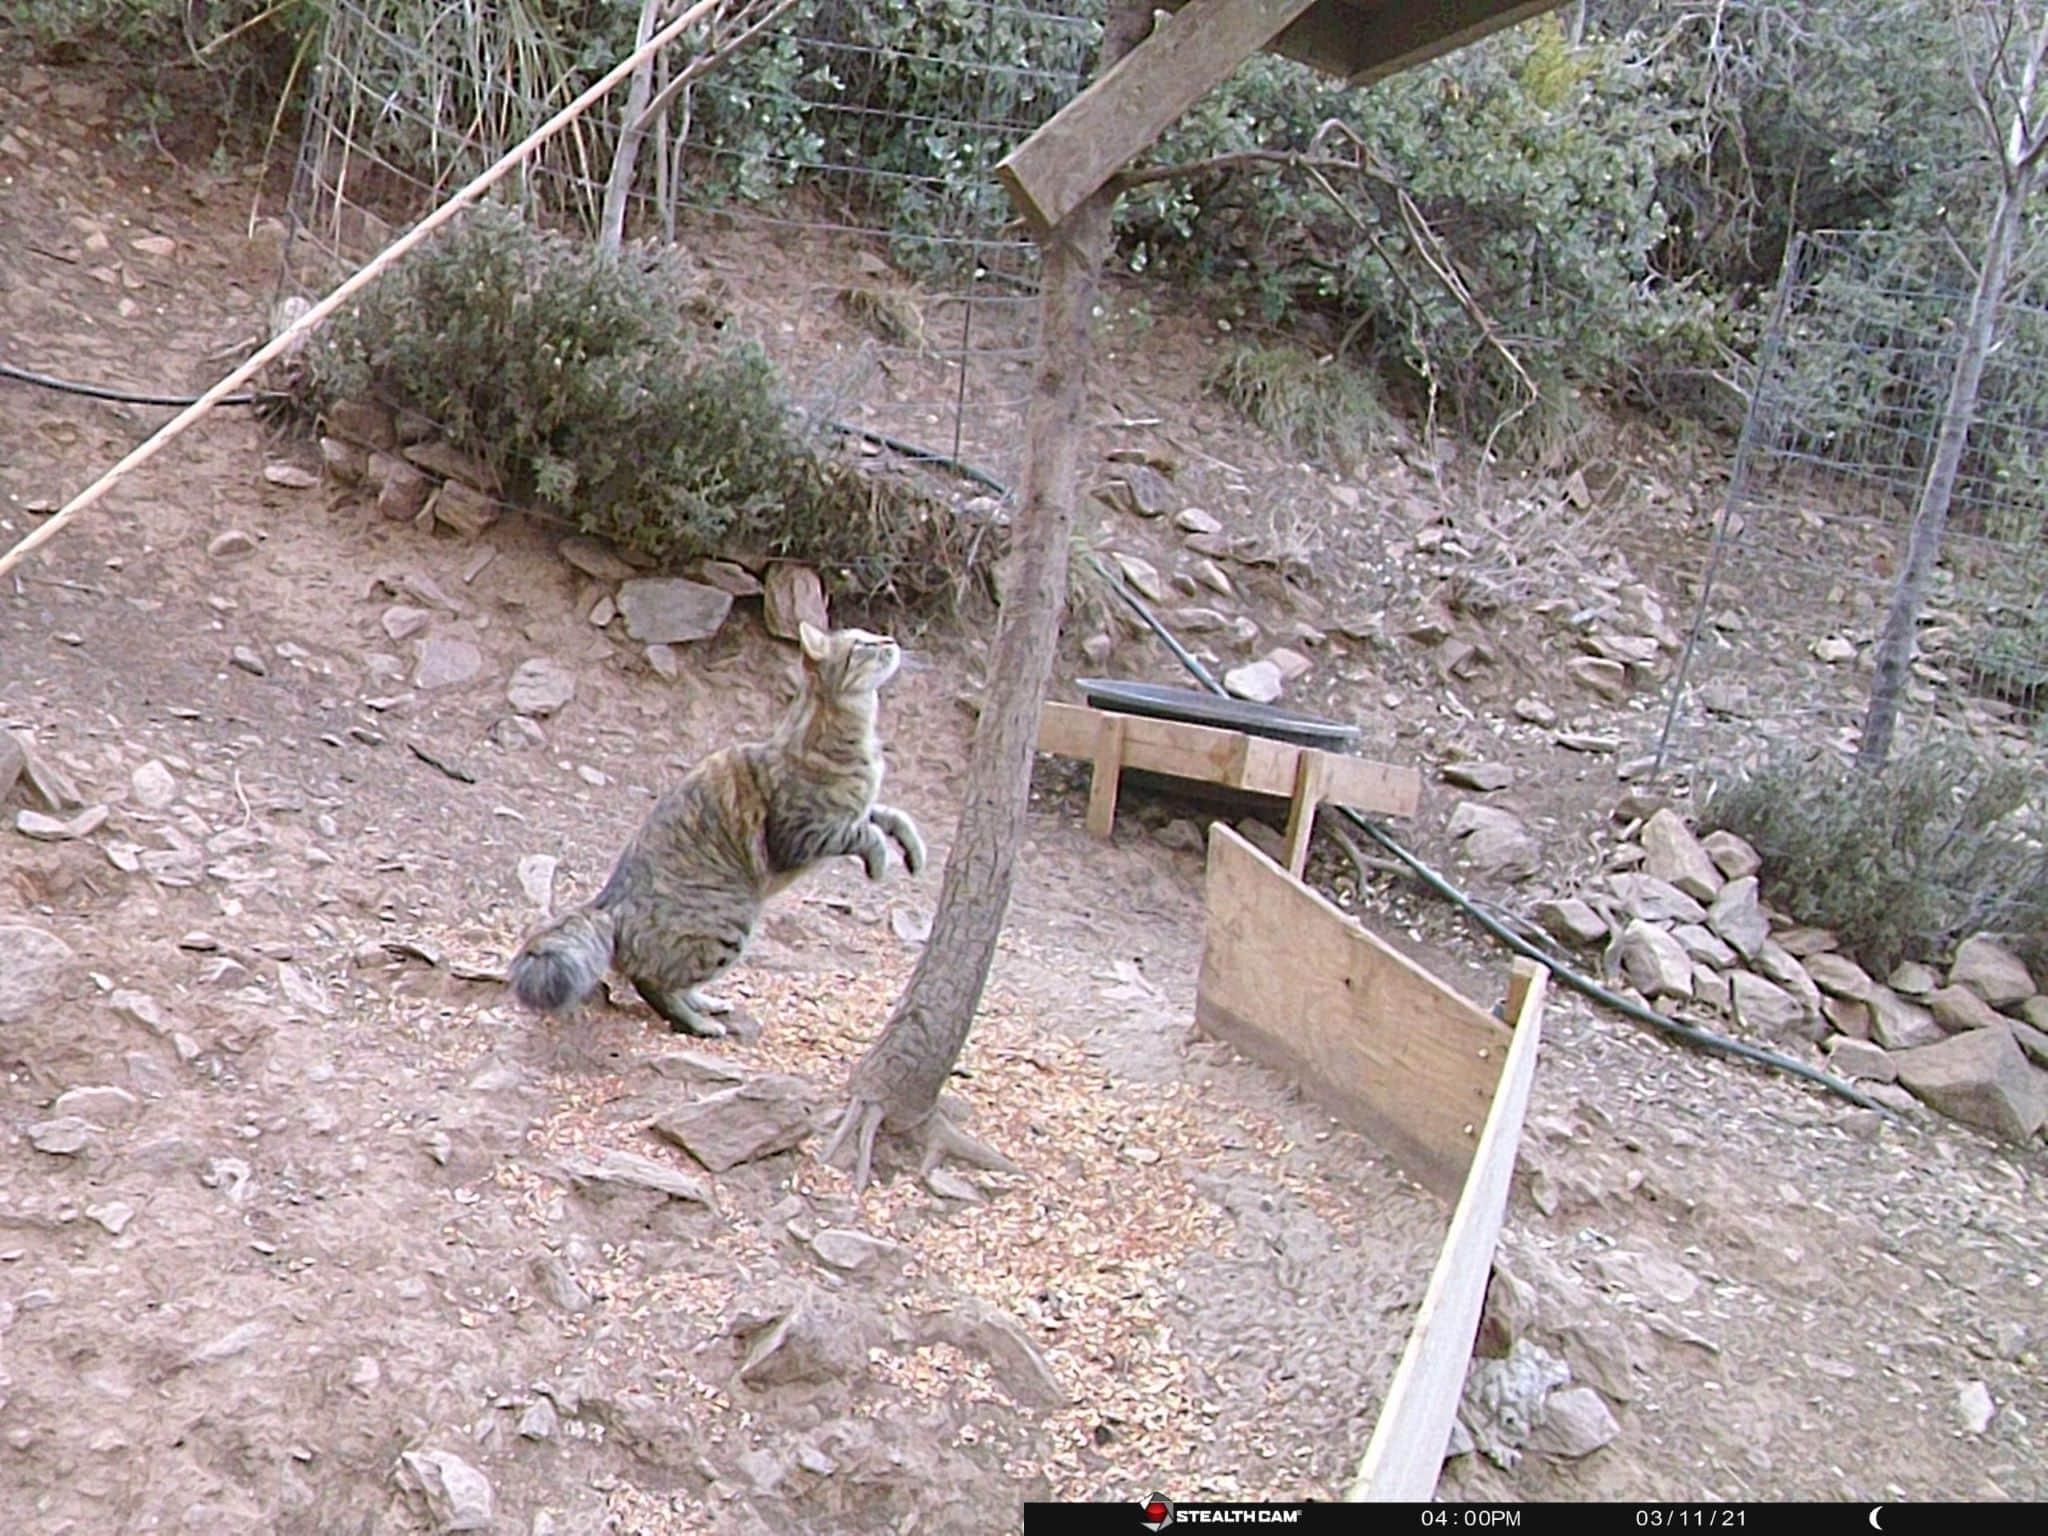 Under the feeder